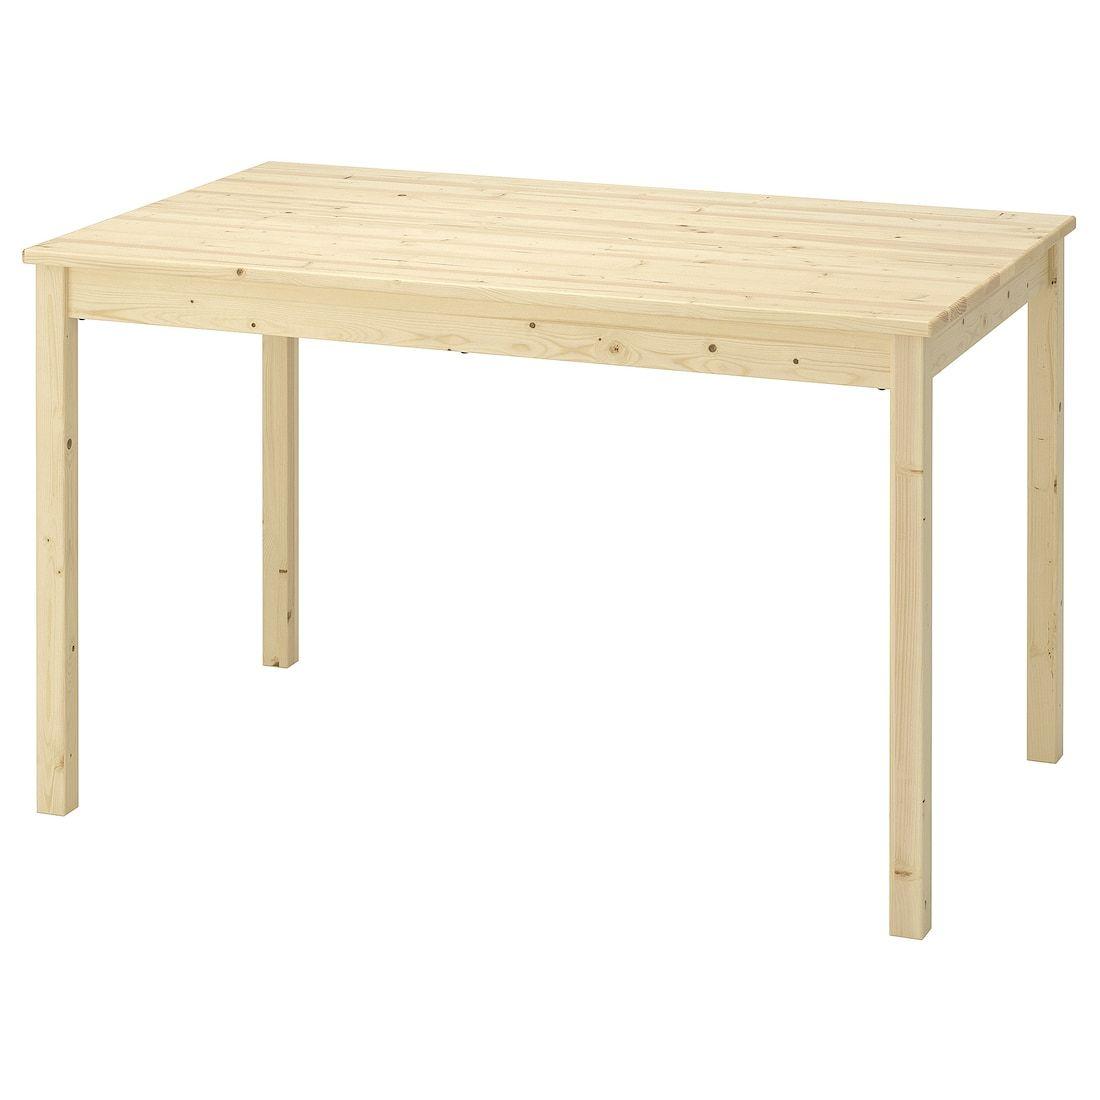 Ingo Table Pine 47 1 4x29 1 2 Ikea Pine Table Table